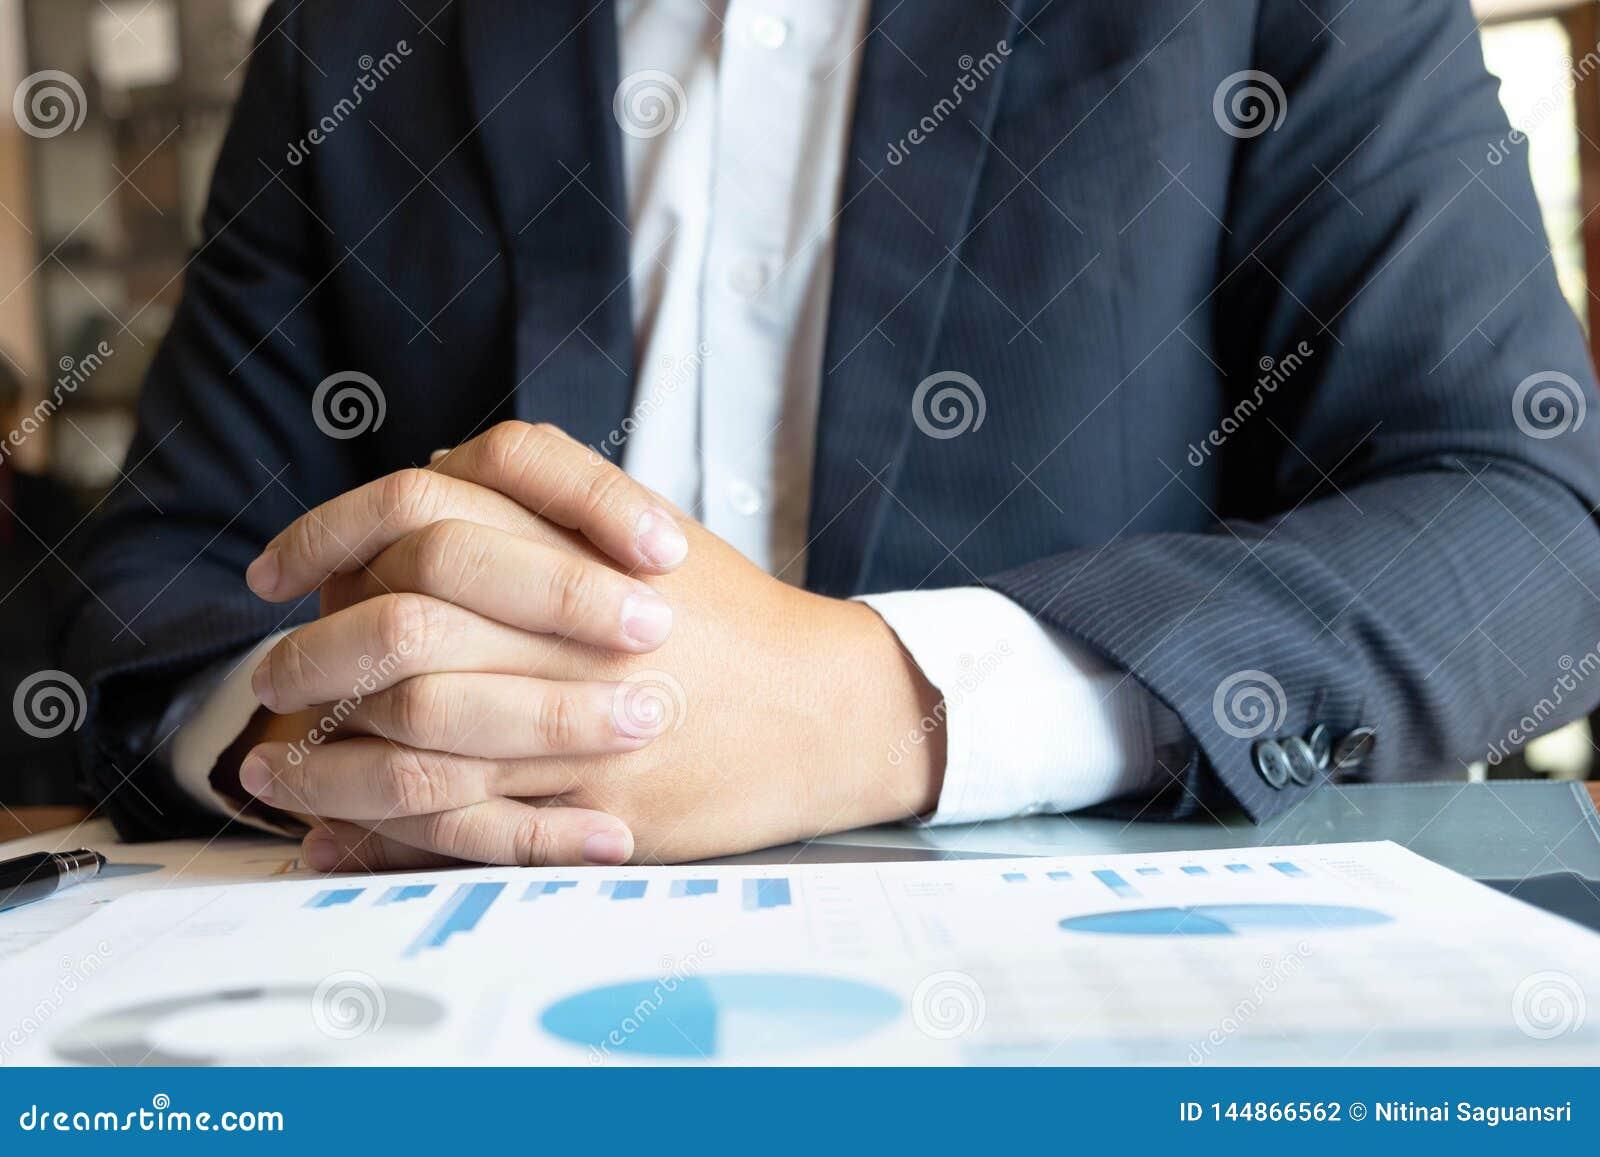 Pieni??nego ksi?gowego planisty spotkania cousultation biznesowy wprowadzenie